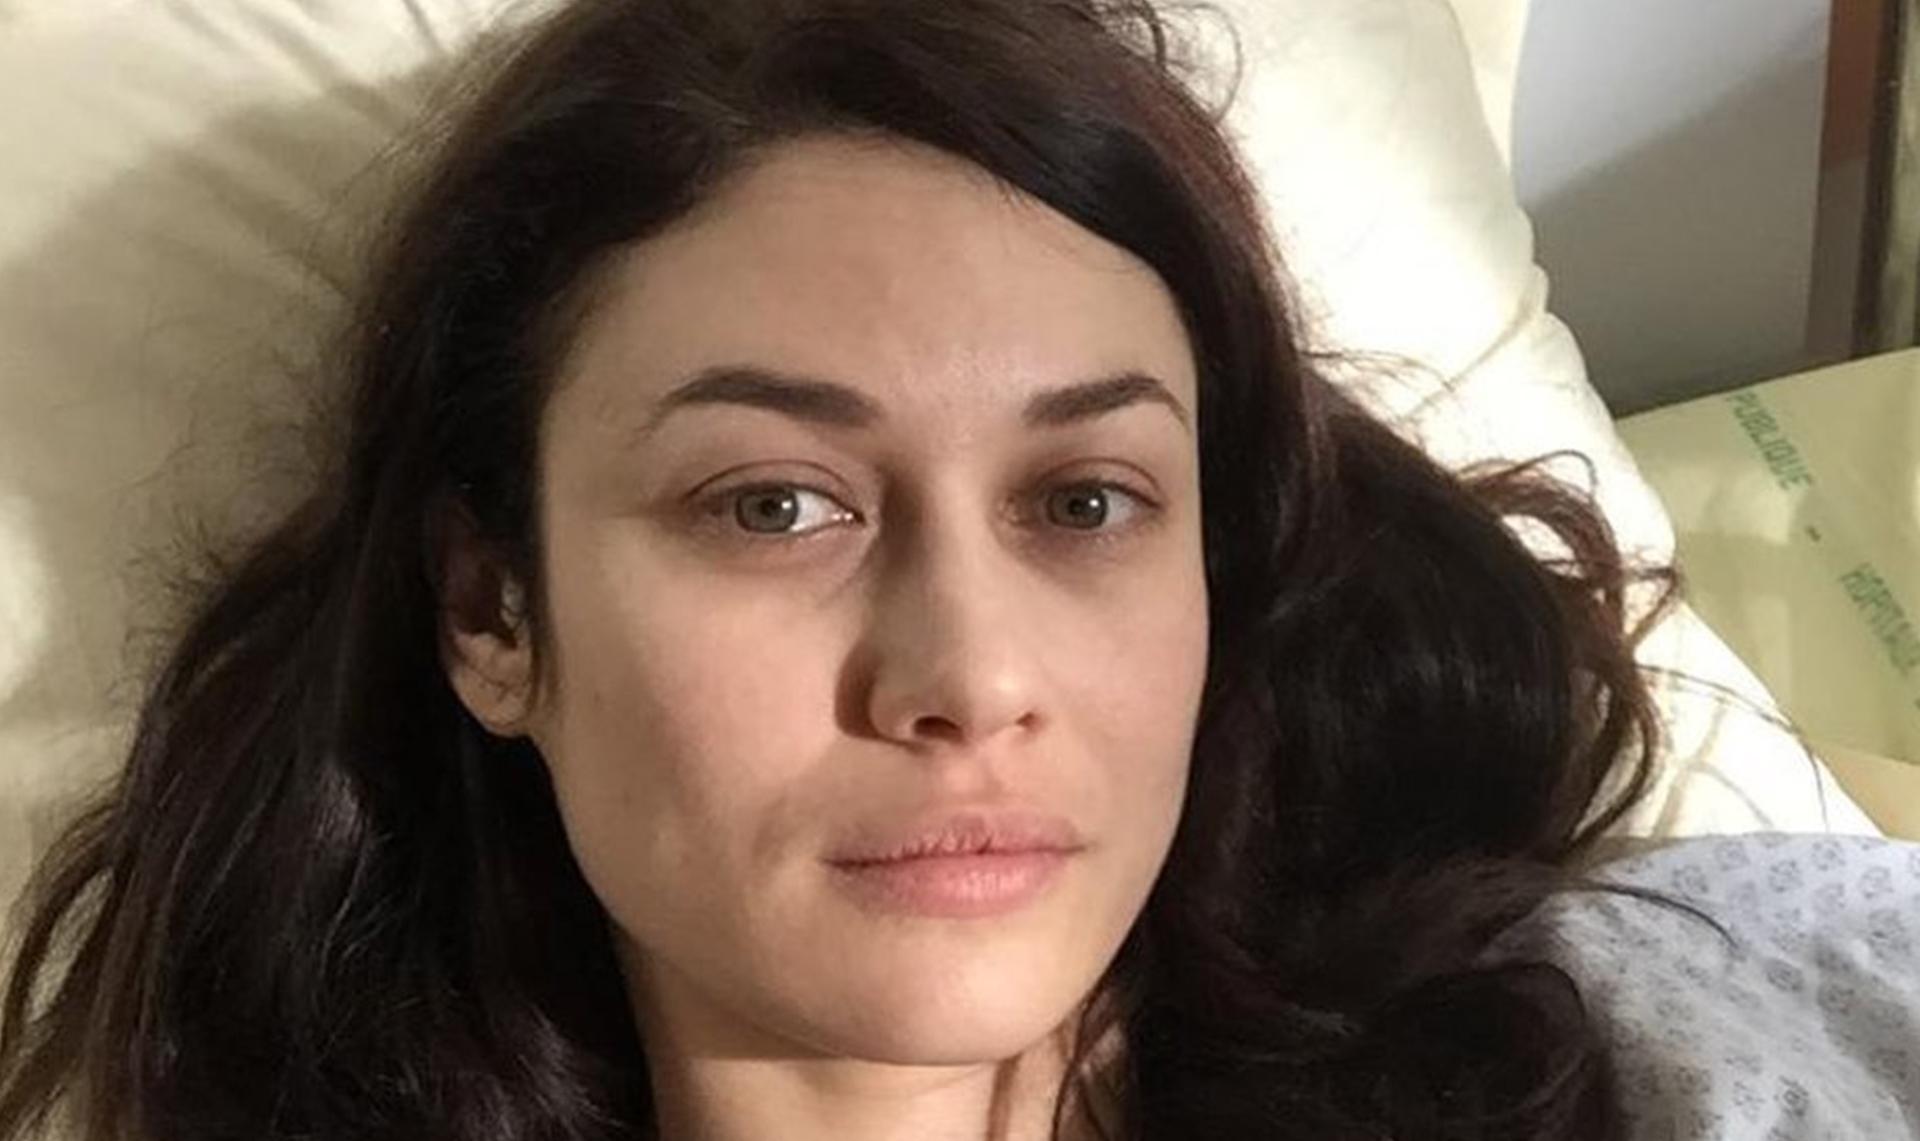 Українська дівчина Бонда захворіла коронавірусом - коронавірус - 16 kurylenko